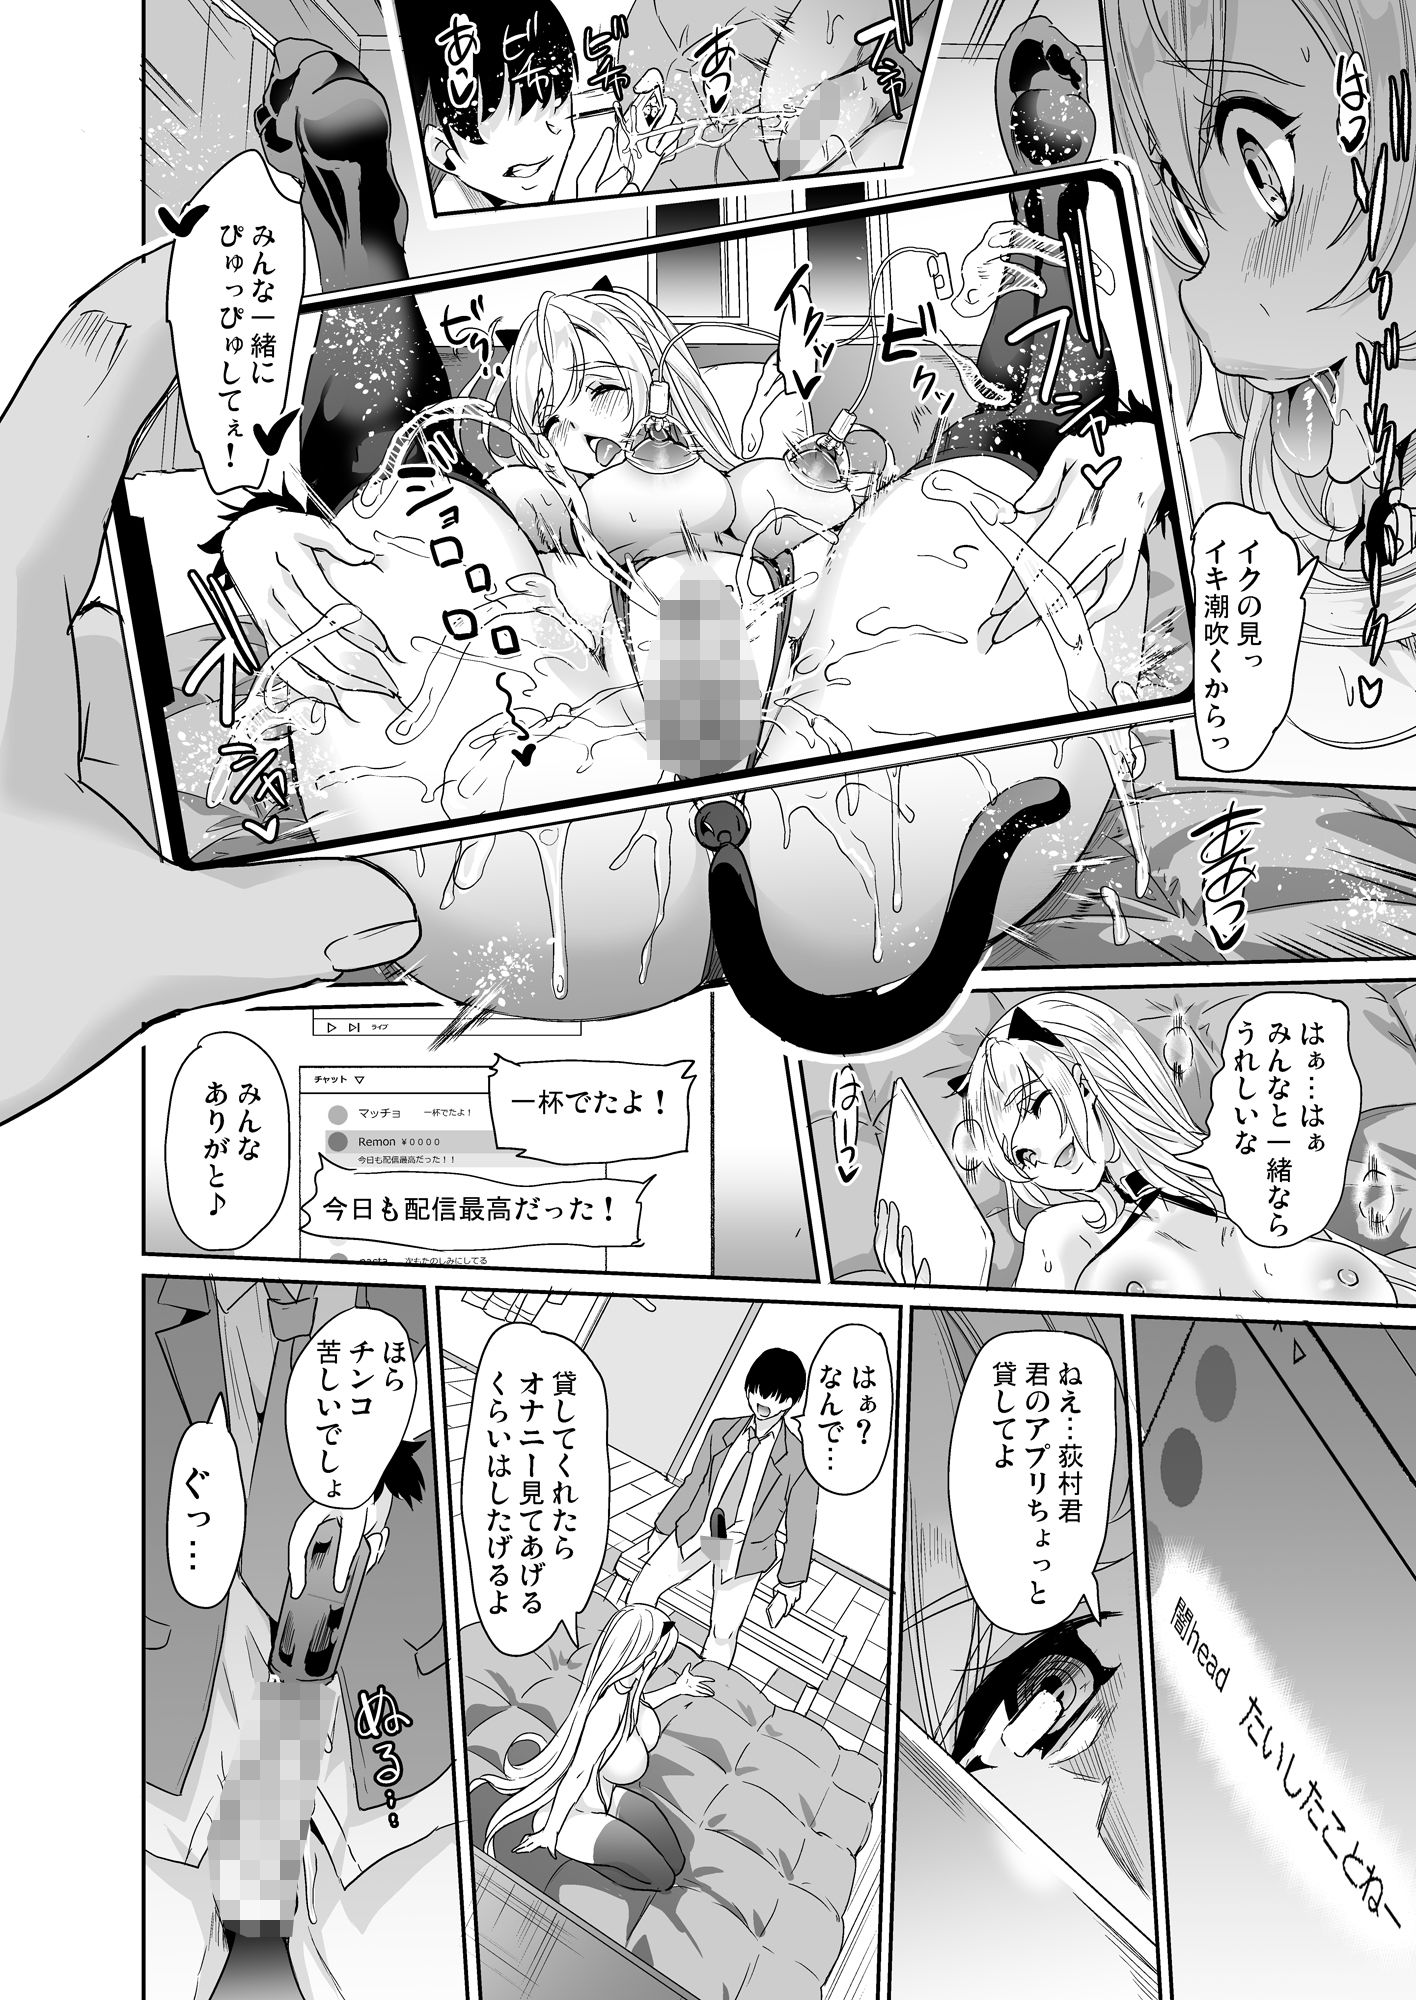 【エロ漫画無料大全集】裏アカ特定アプリ ~変態優等生 剥き出しの性癖~